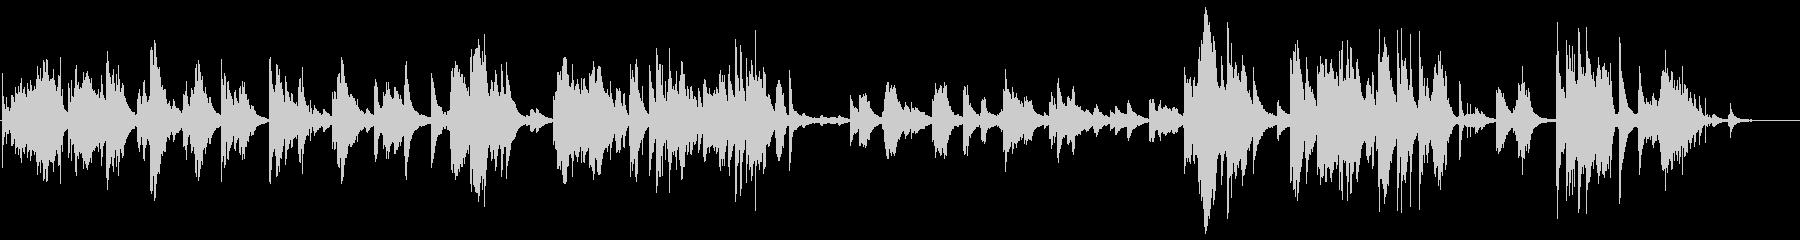 ロンドンデリー~ピアノで奏るラブロマンスの未再生の波形